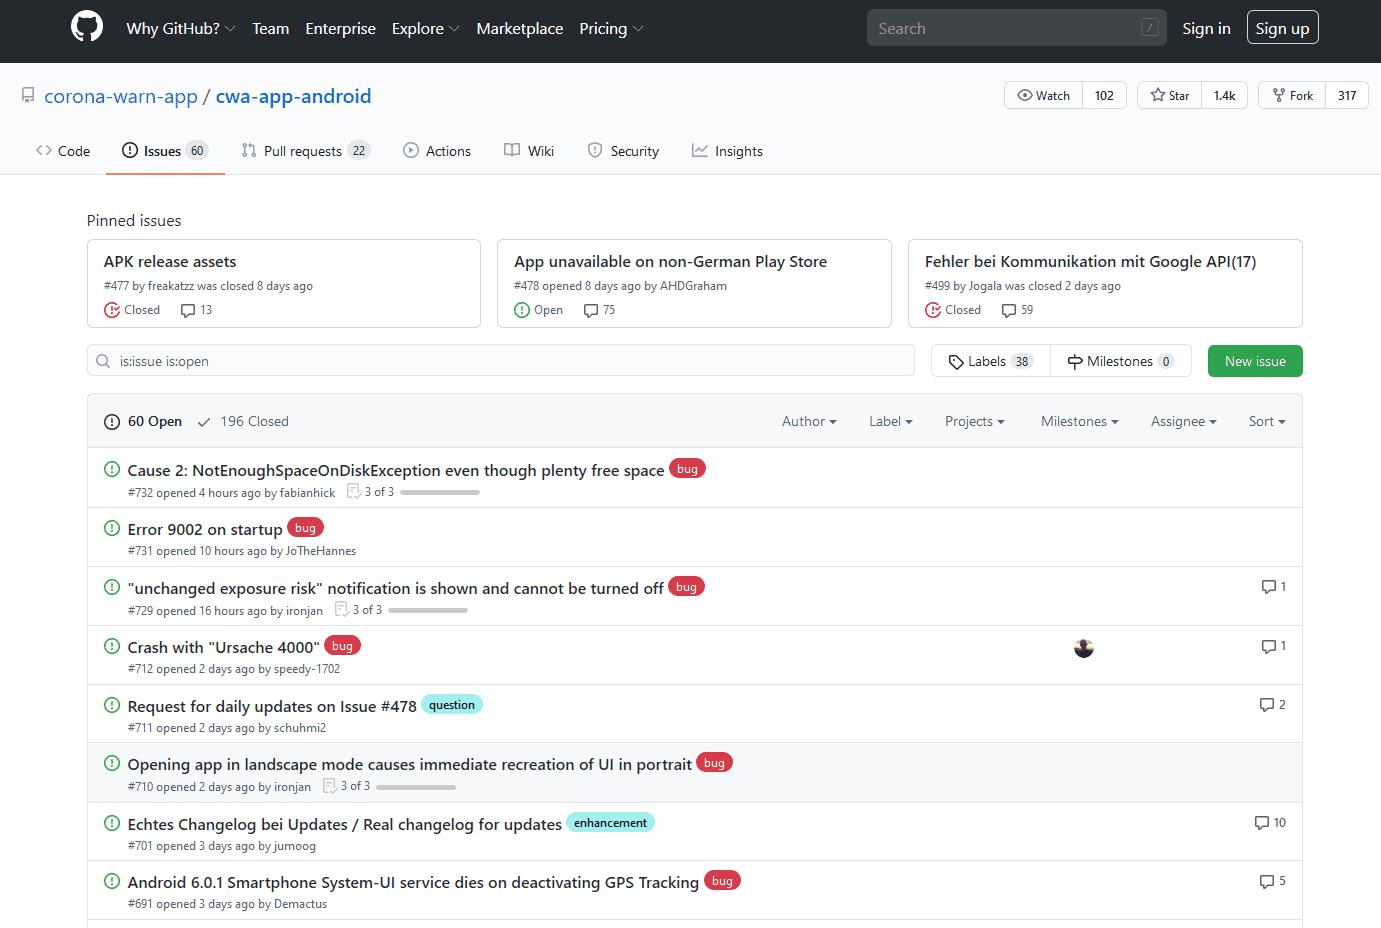 SAP hat den Code der App sowie Dokumentationen auf GitHub veröffentlicht. In den Foren diskutieren Entwickler über Kinderkrankheiten und Verbesserungen.